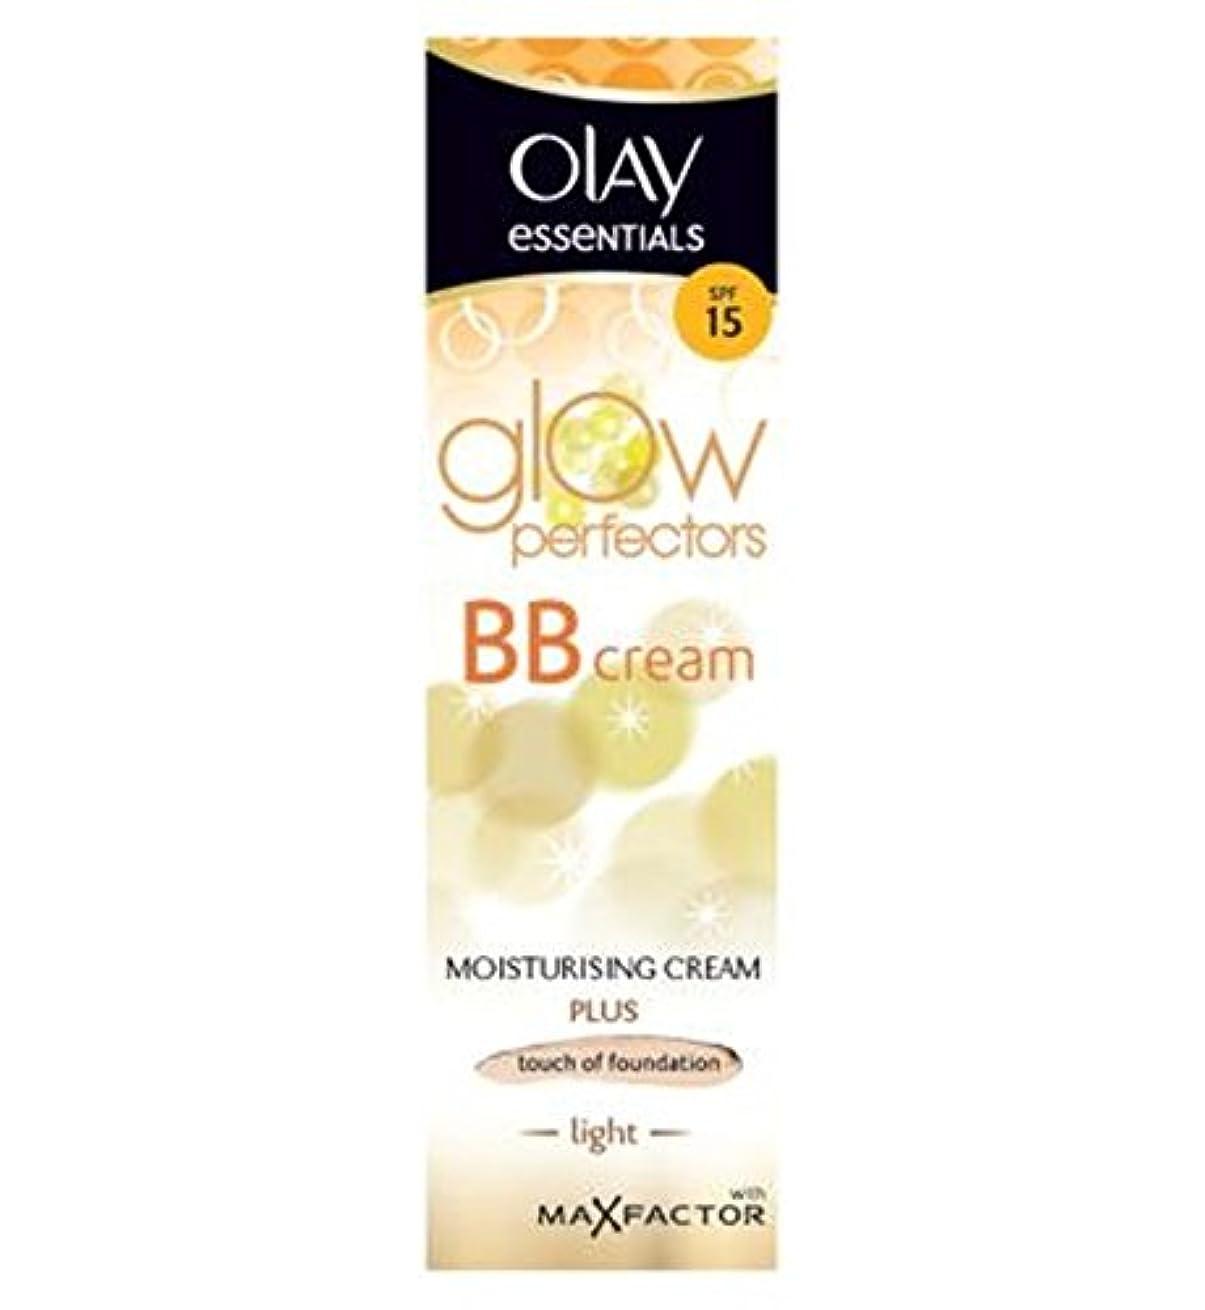 眼シロクマ予測Olay Complete BB Cream SPF15 Skin Perfecting Tinted Moisturiser 50ml - Fair - 着色保湿50ミリリットルを完成オーレイ完全なBbクリームSpf15...